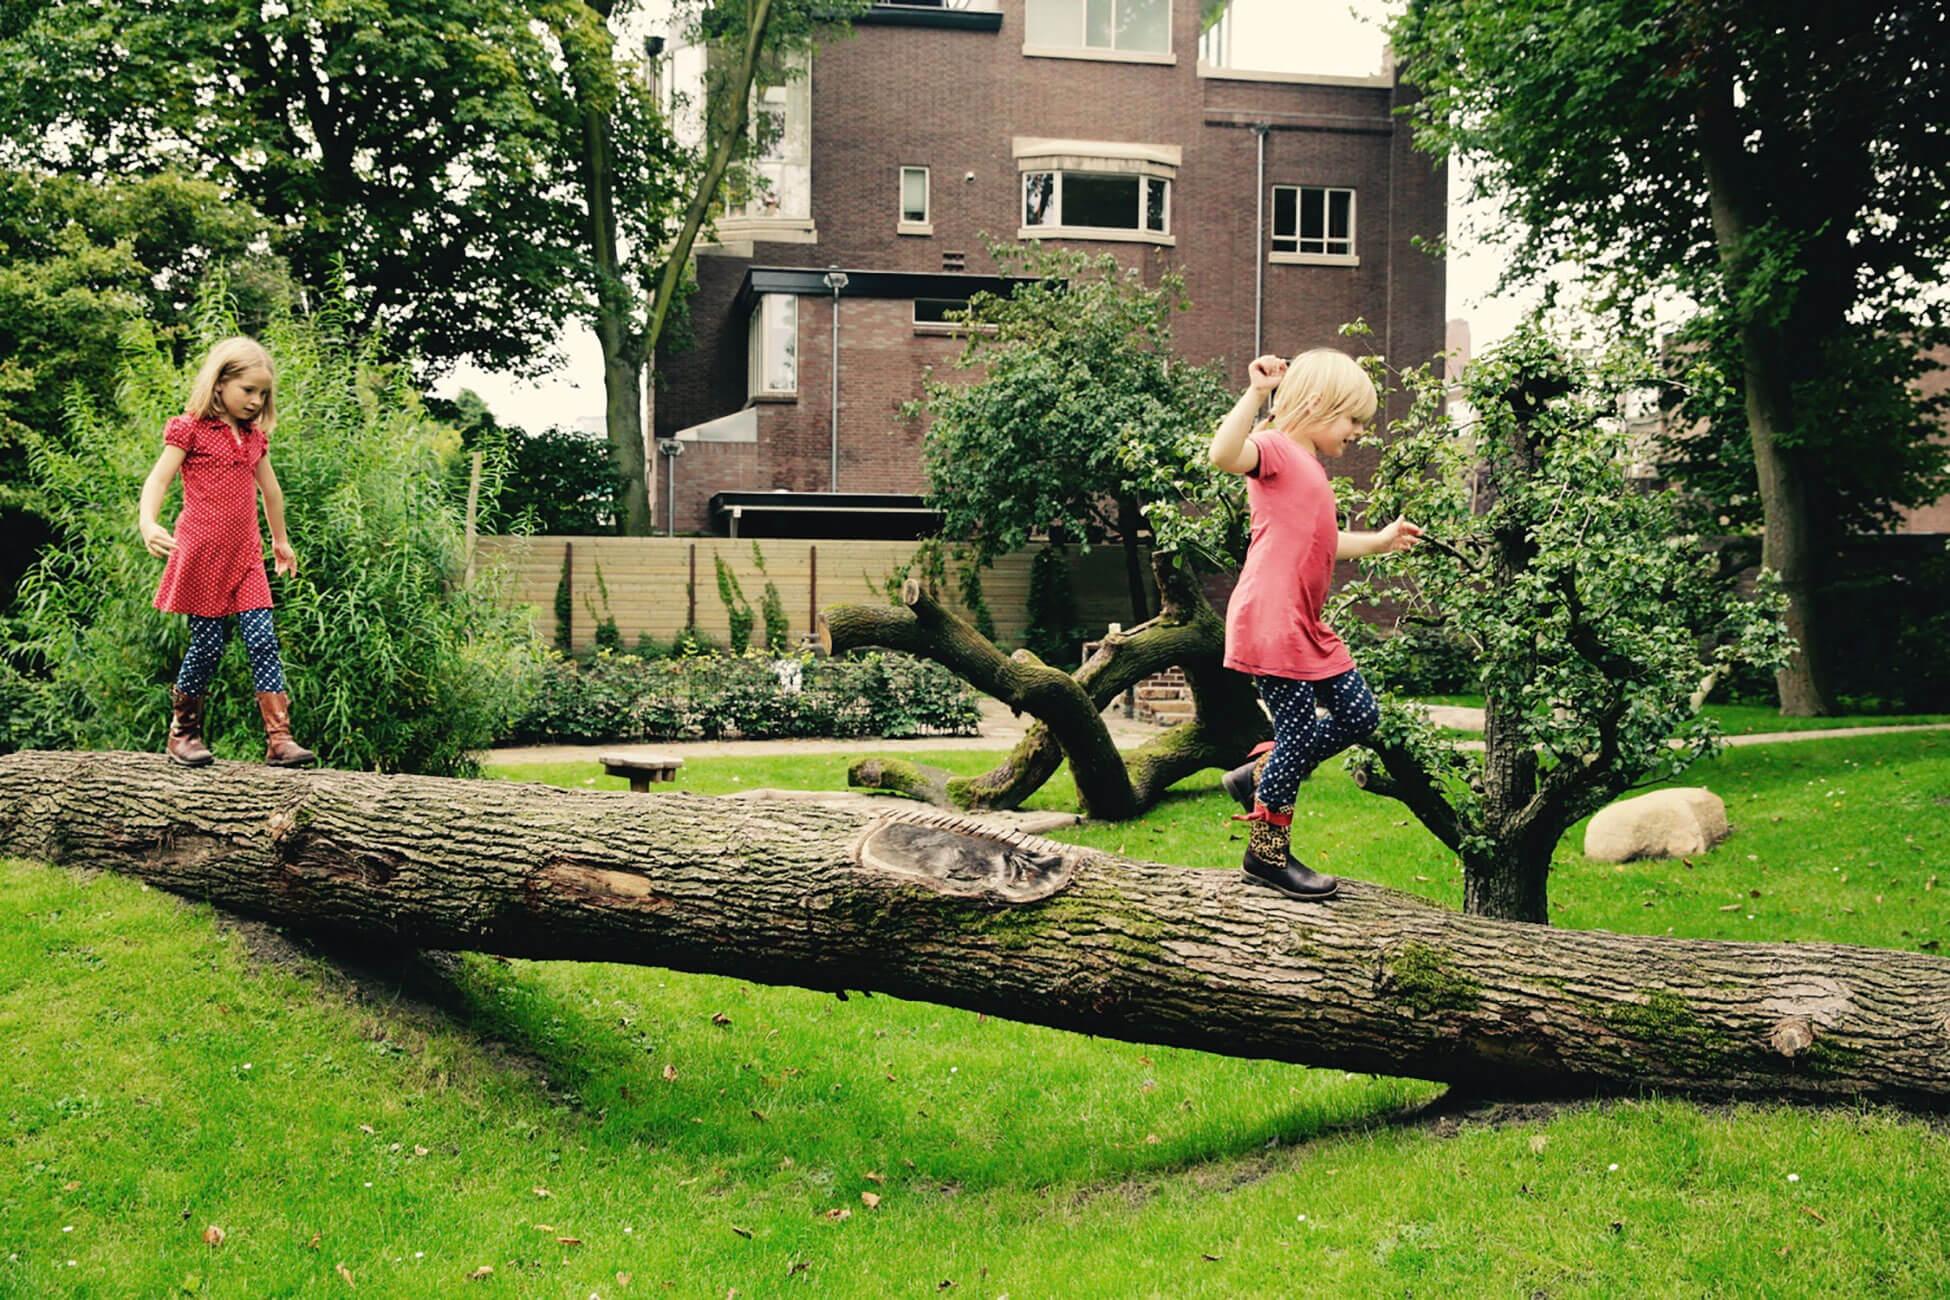 boomstammen lopen